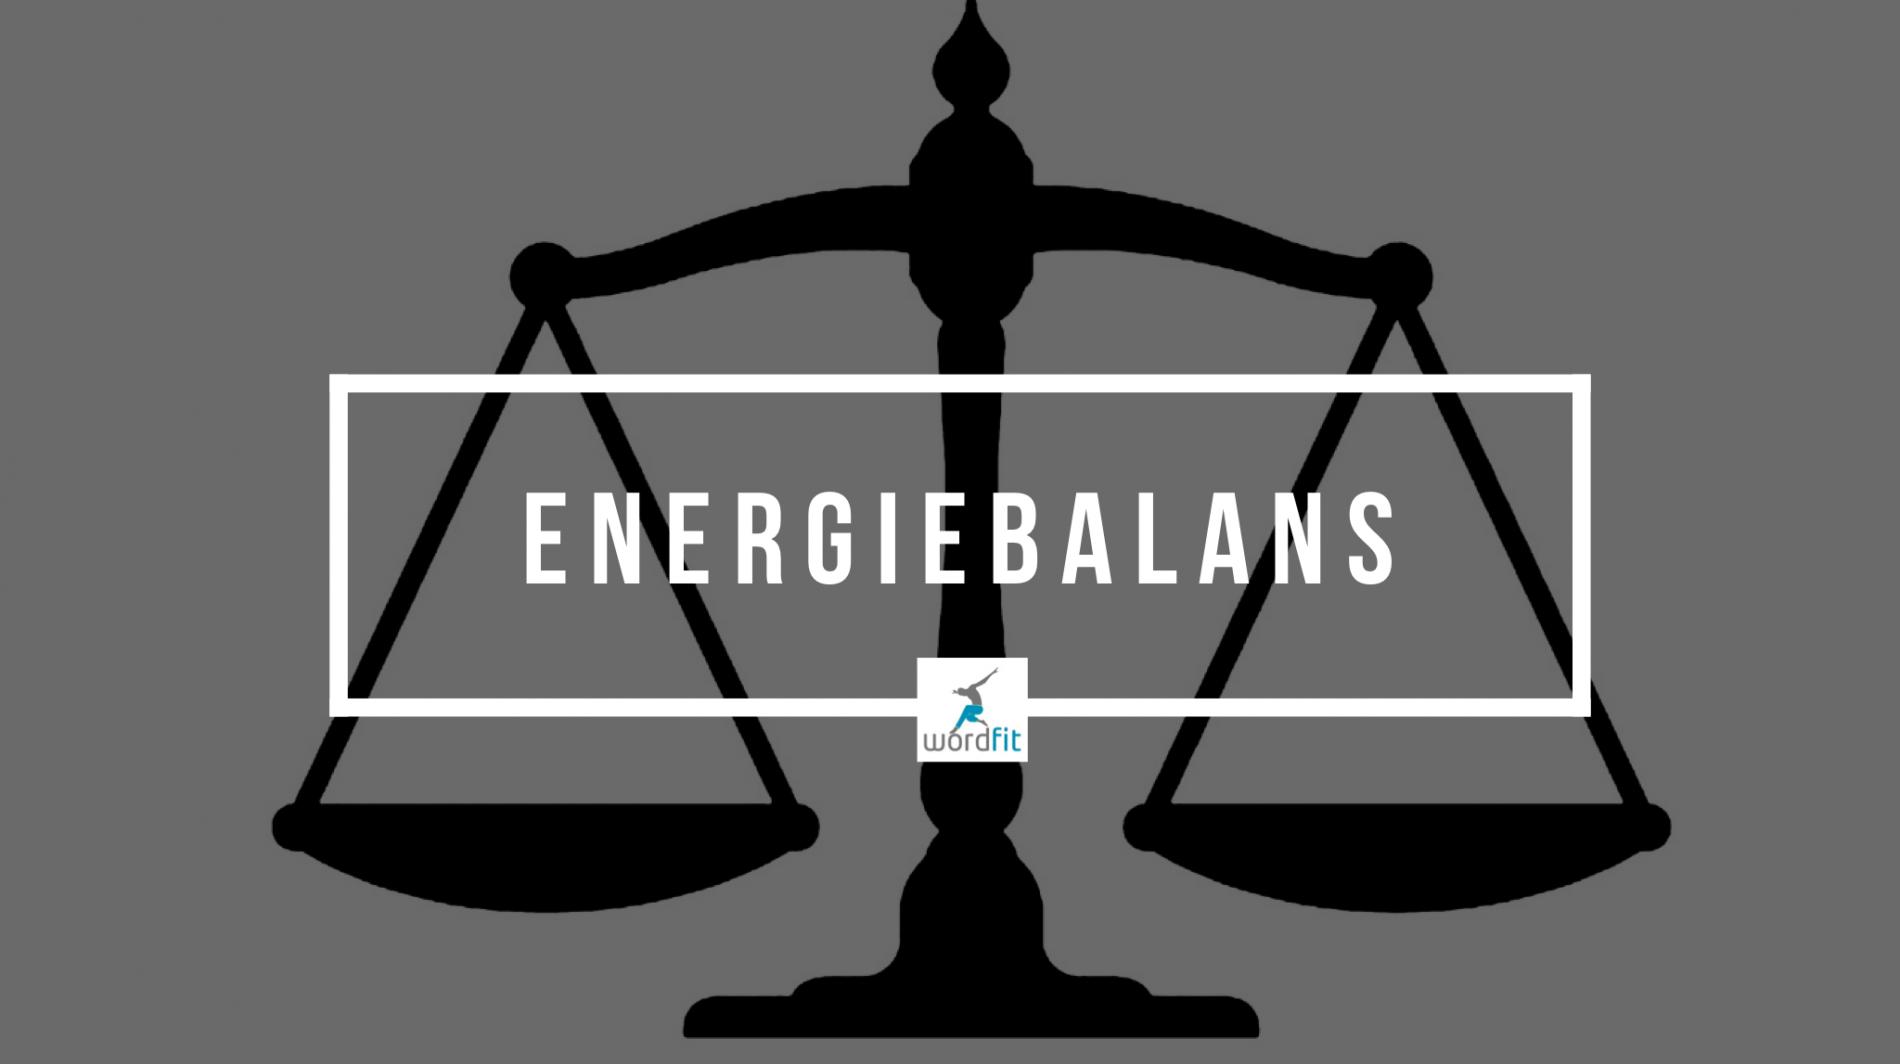 Energiebalans? Wat je opneemt en verbruikt in evenwicht?